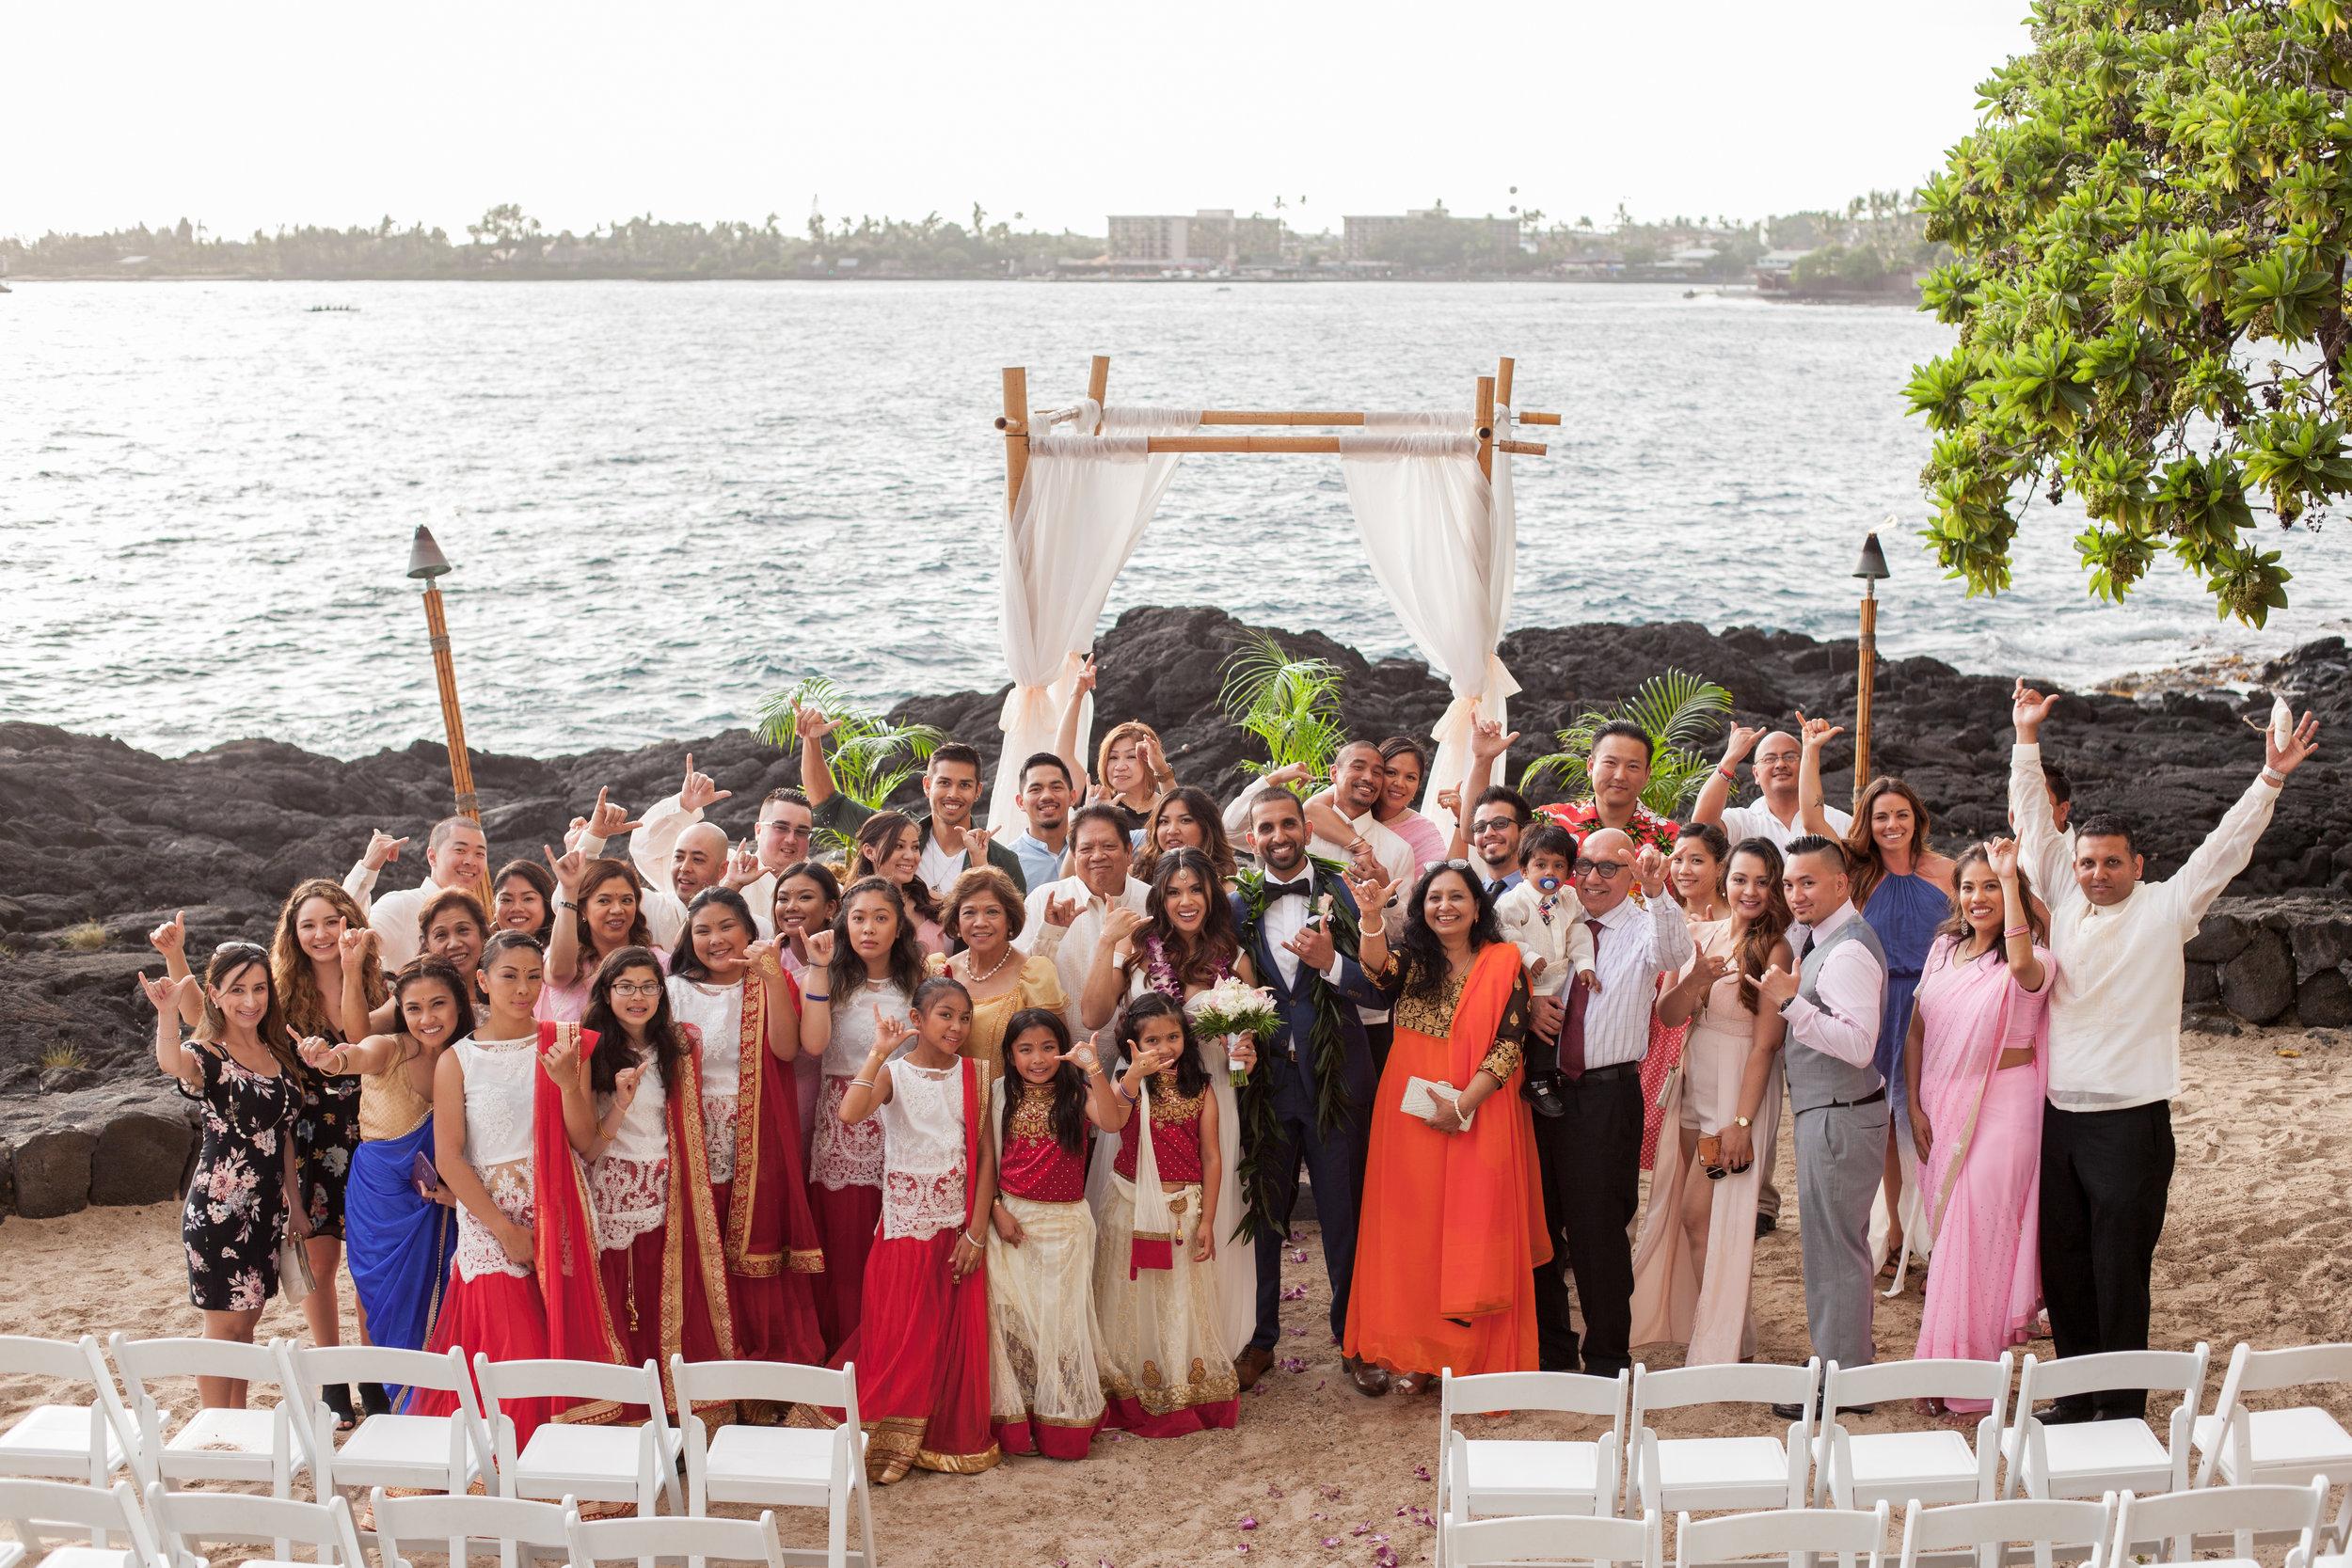 big island hawaii royal kona resort beach wedding © kelilina photography 20170615180922.jpg